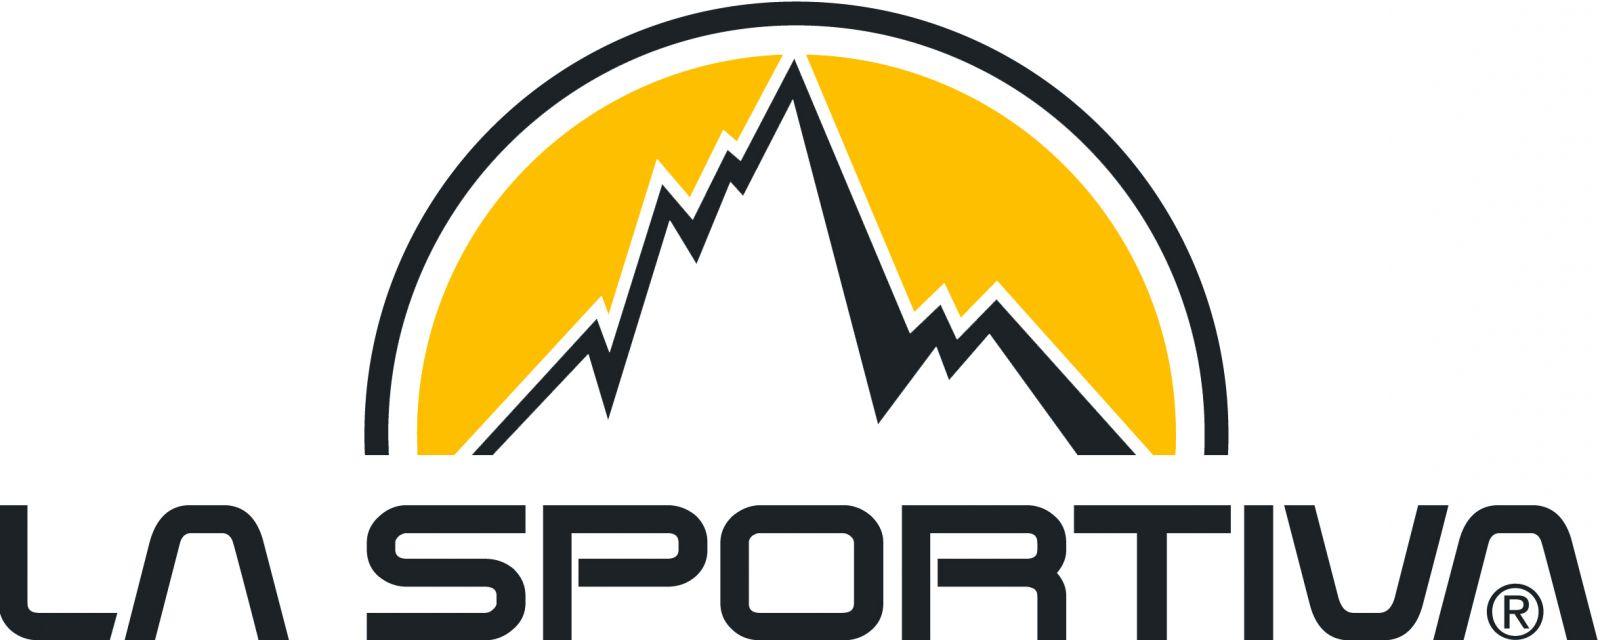 Výsledek obrázku pro la sportiva značka